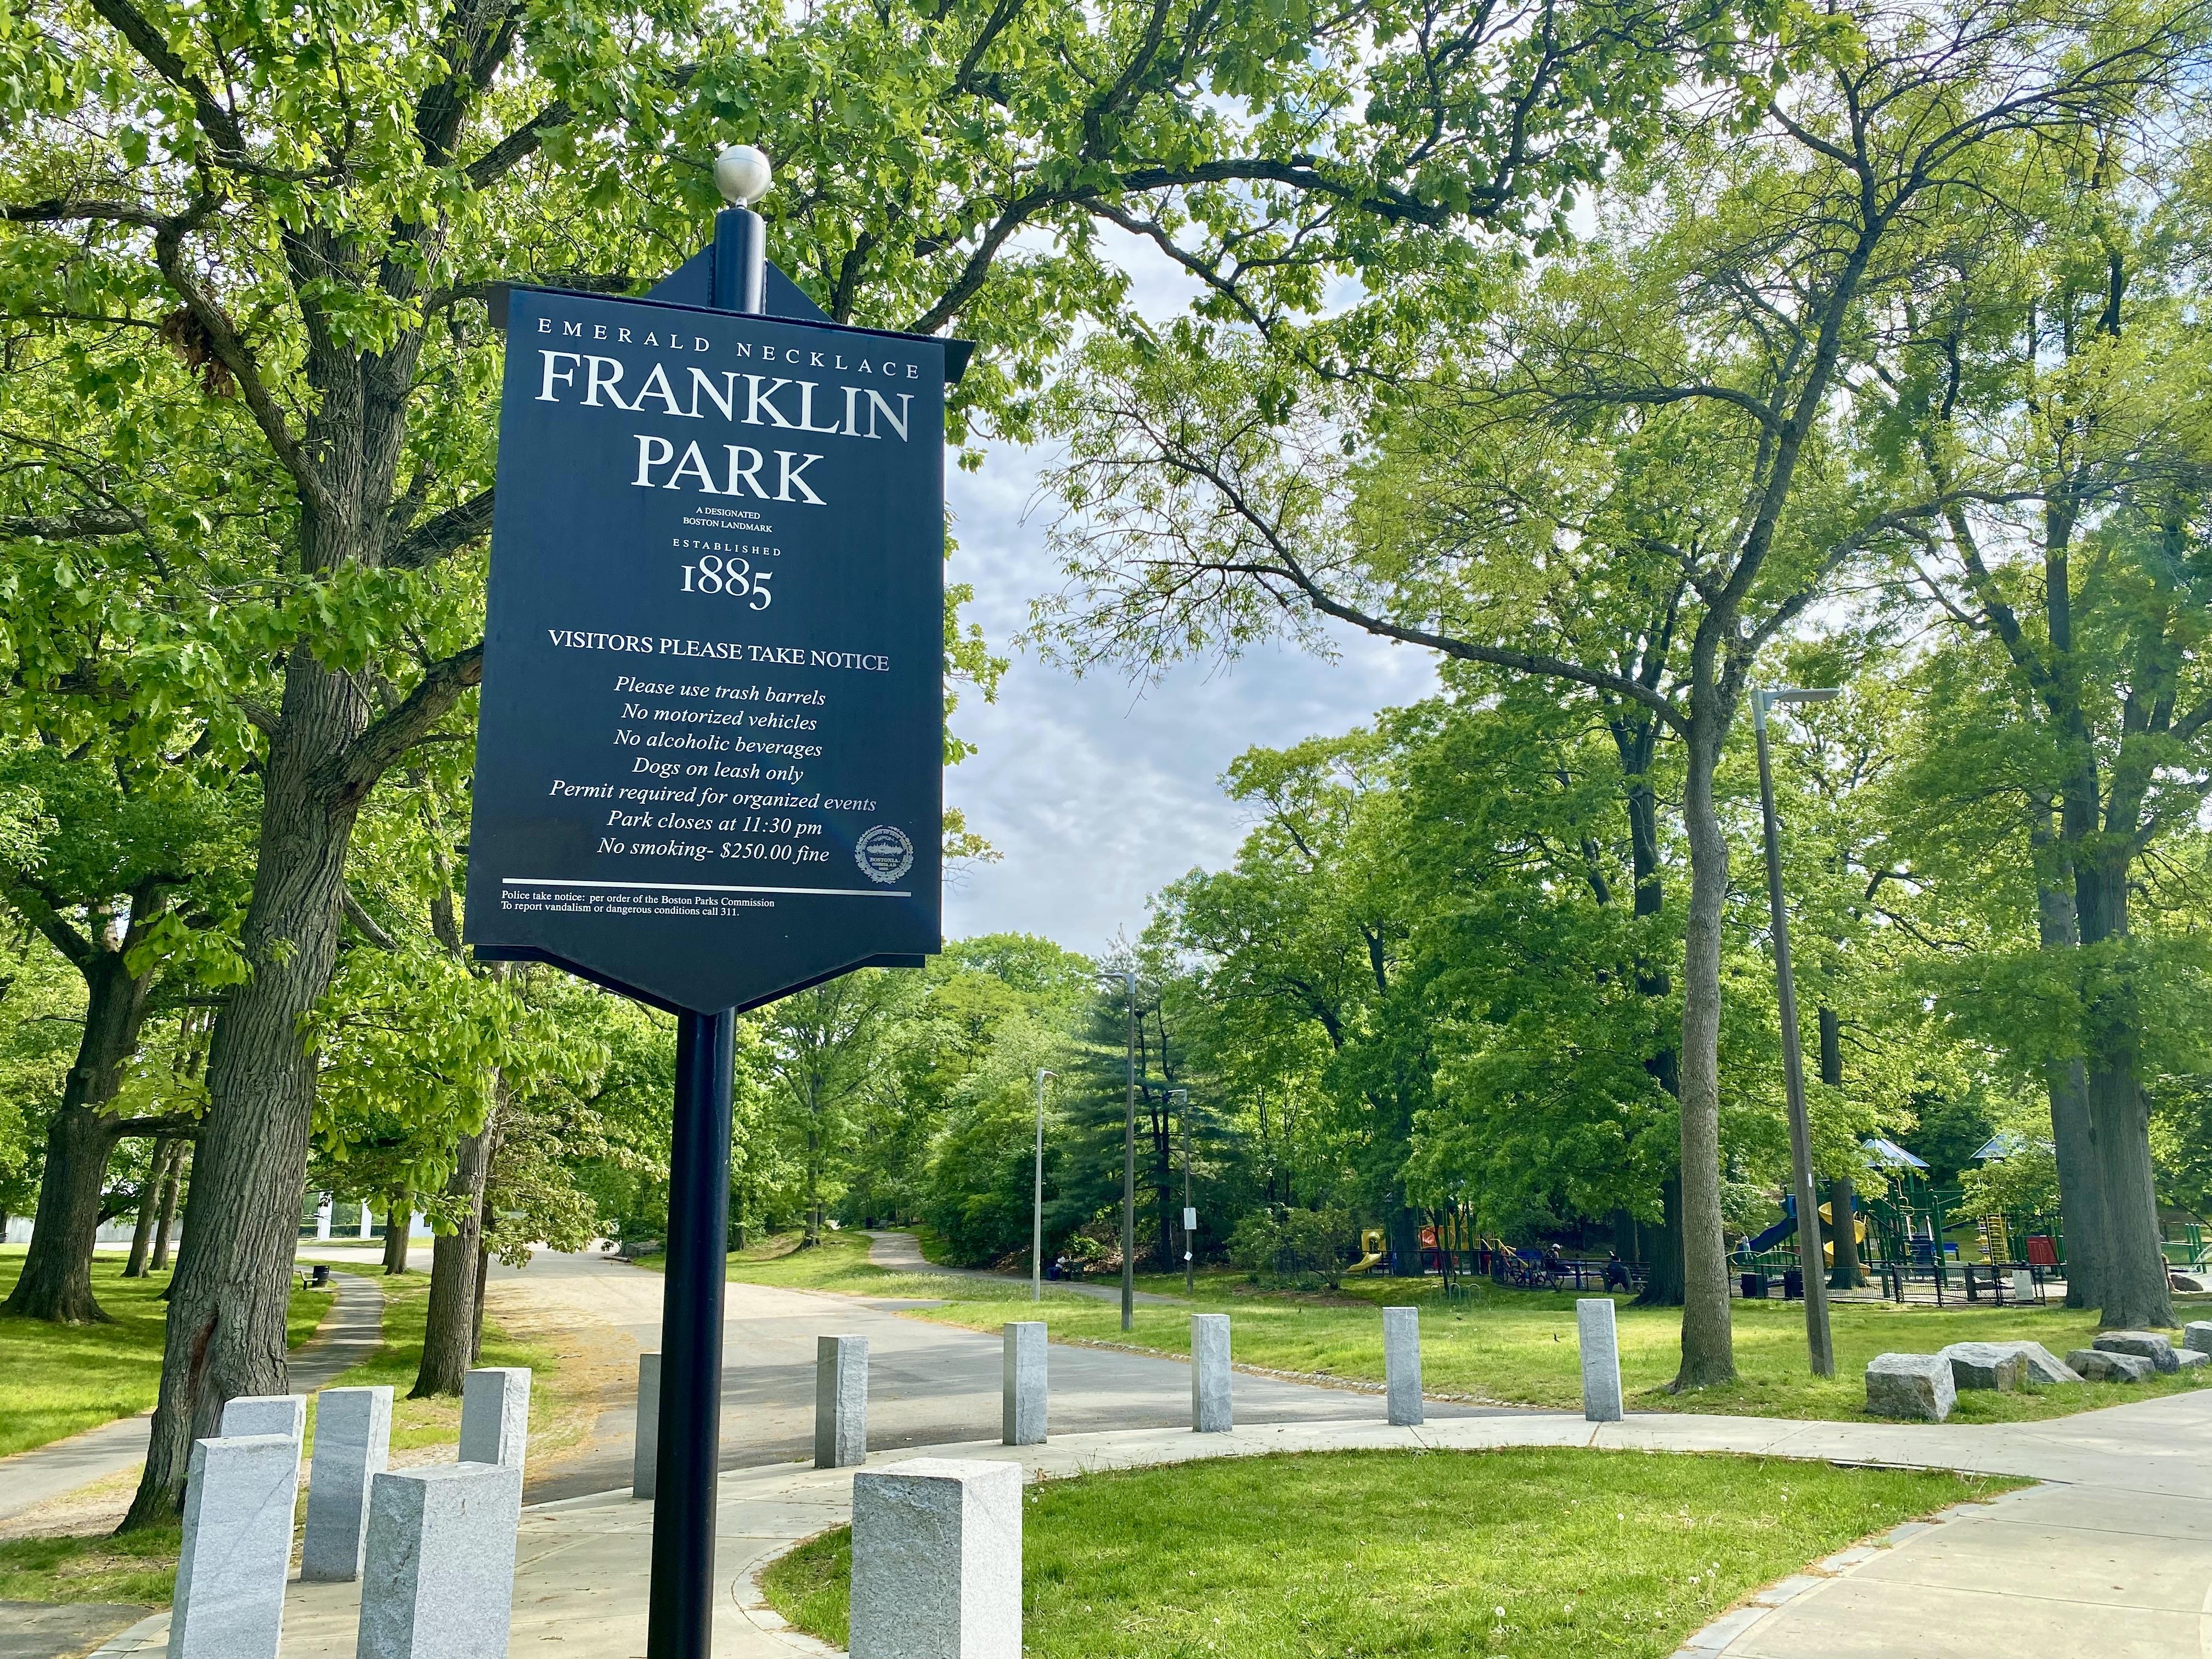 Franklin Park Sign in Boston, MA